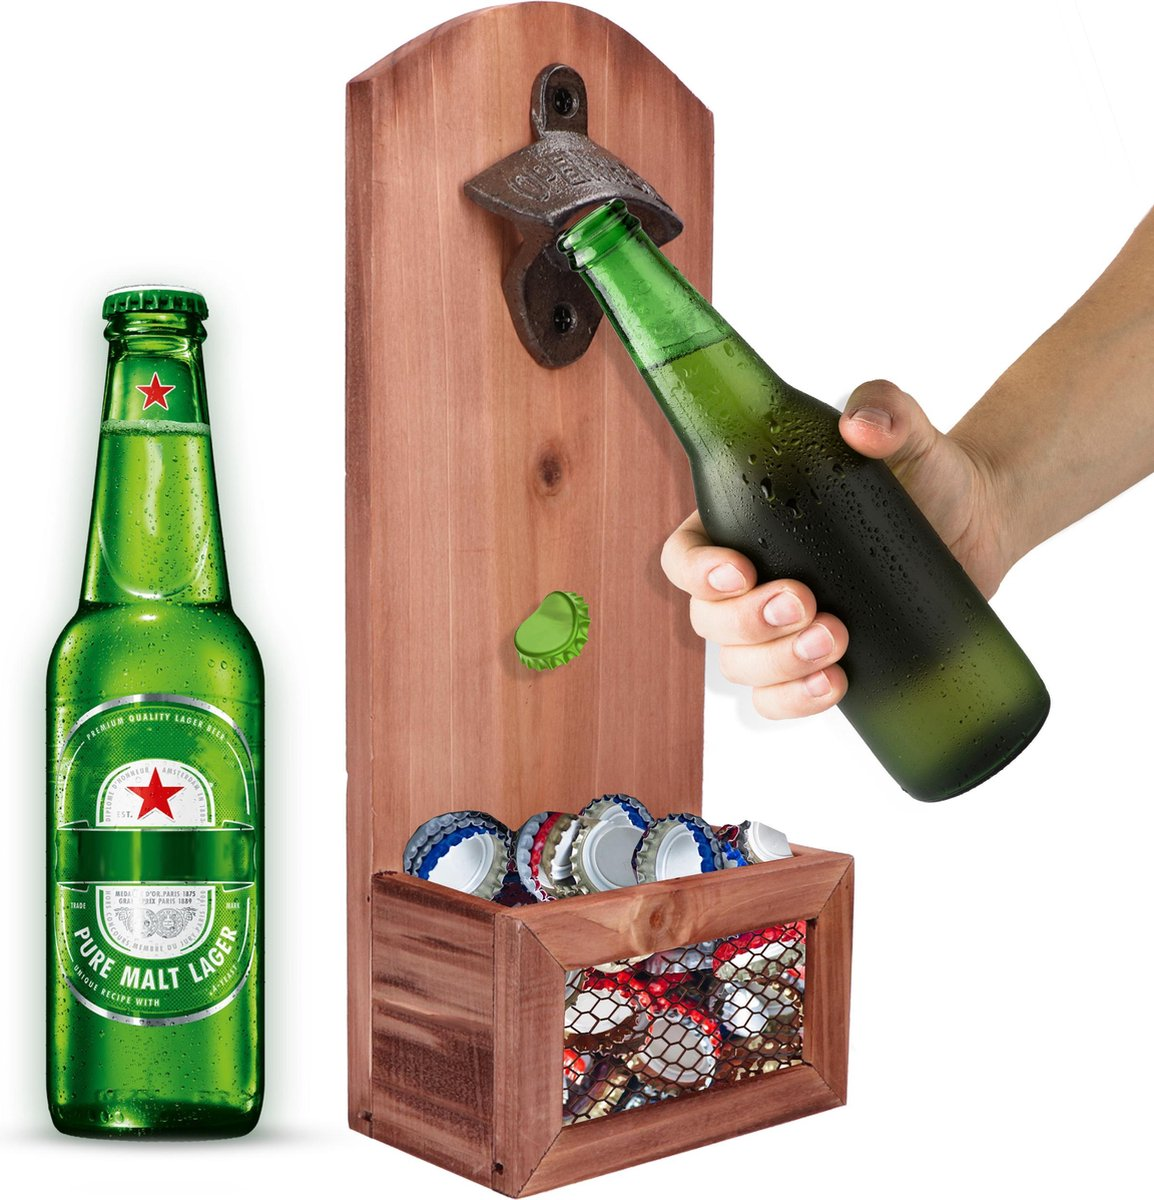 Bieropener en flesopener muur met opvangbak - Flessenopener - Opener bier - Voor binnen en buiten